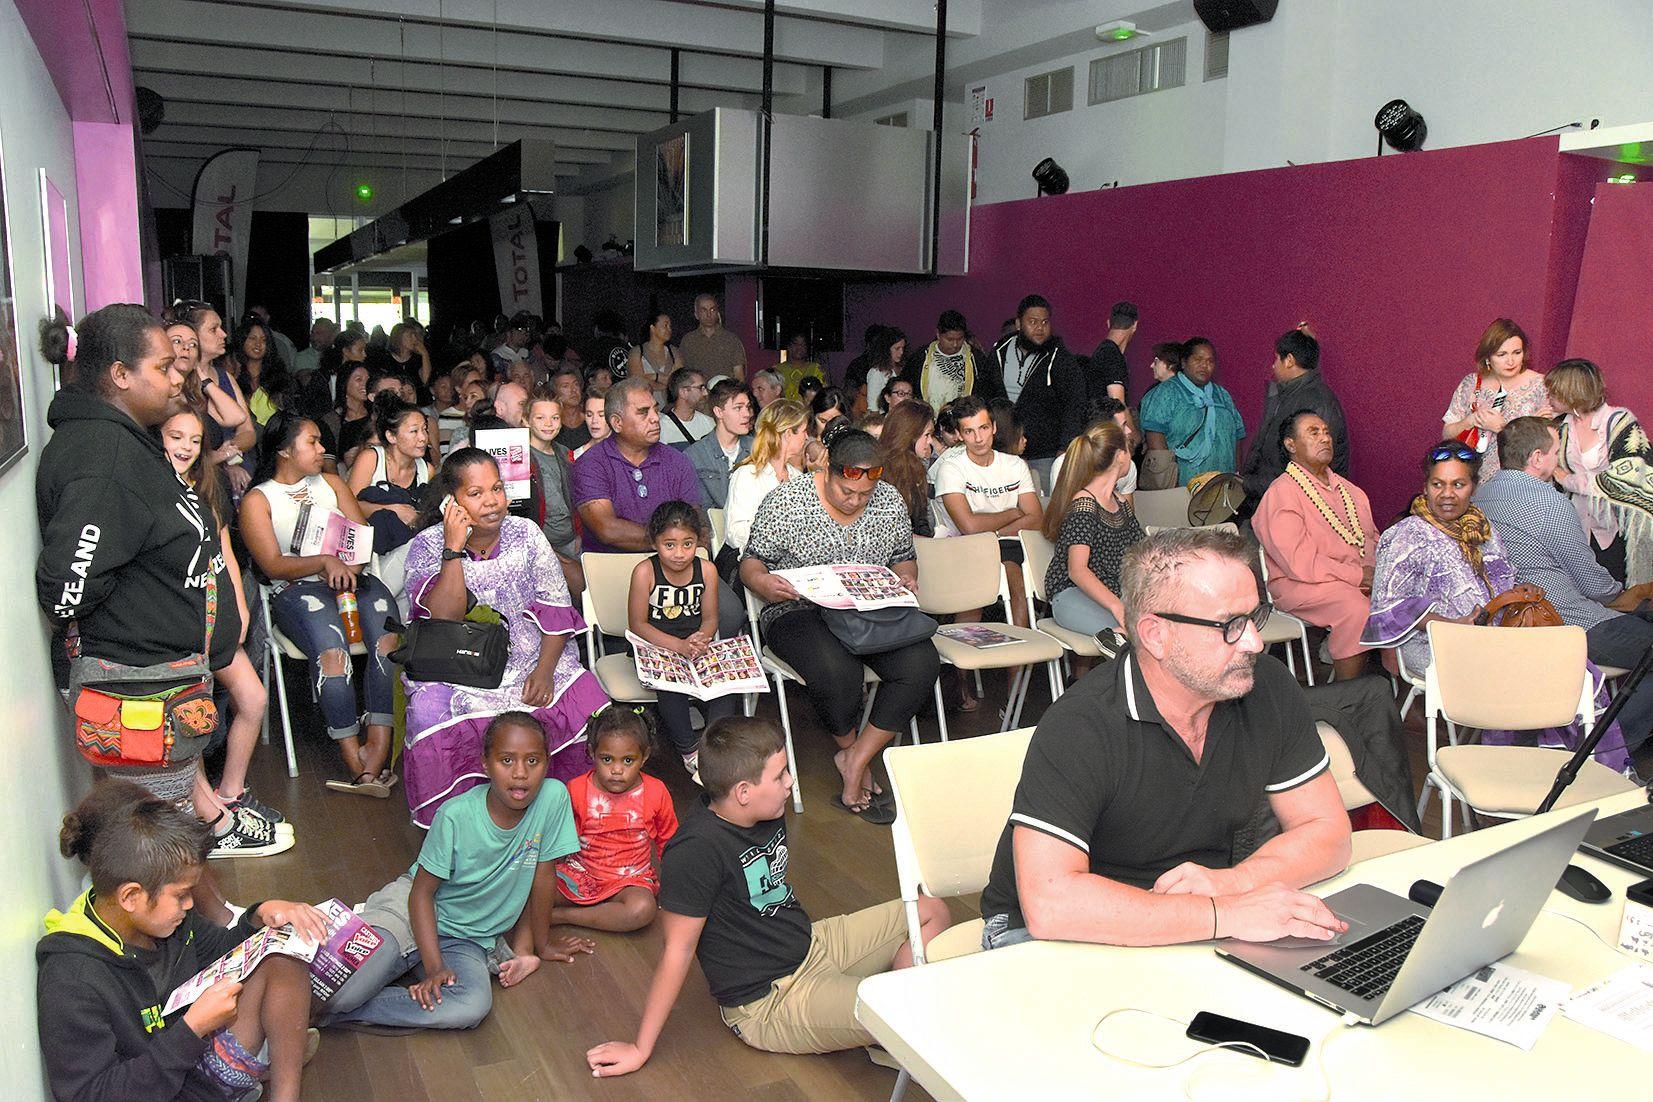 Derrière Bruno Berberes, familles et proches avaient pris place pour assister aux prestations des soixante candidats. L'entrée pour chaque spectacle coûtait 2 000 francs.